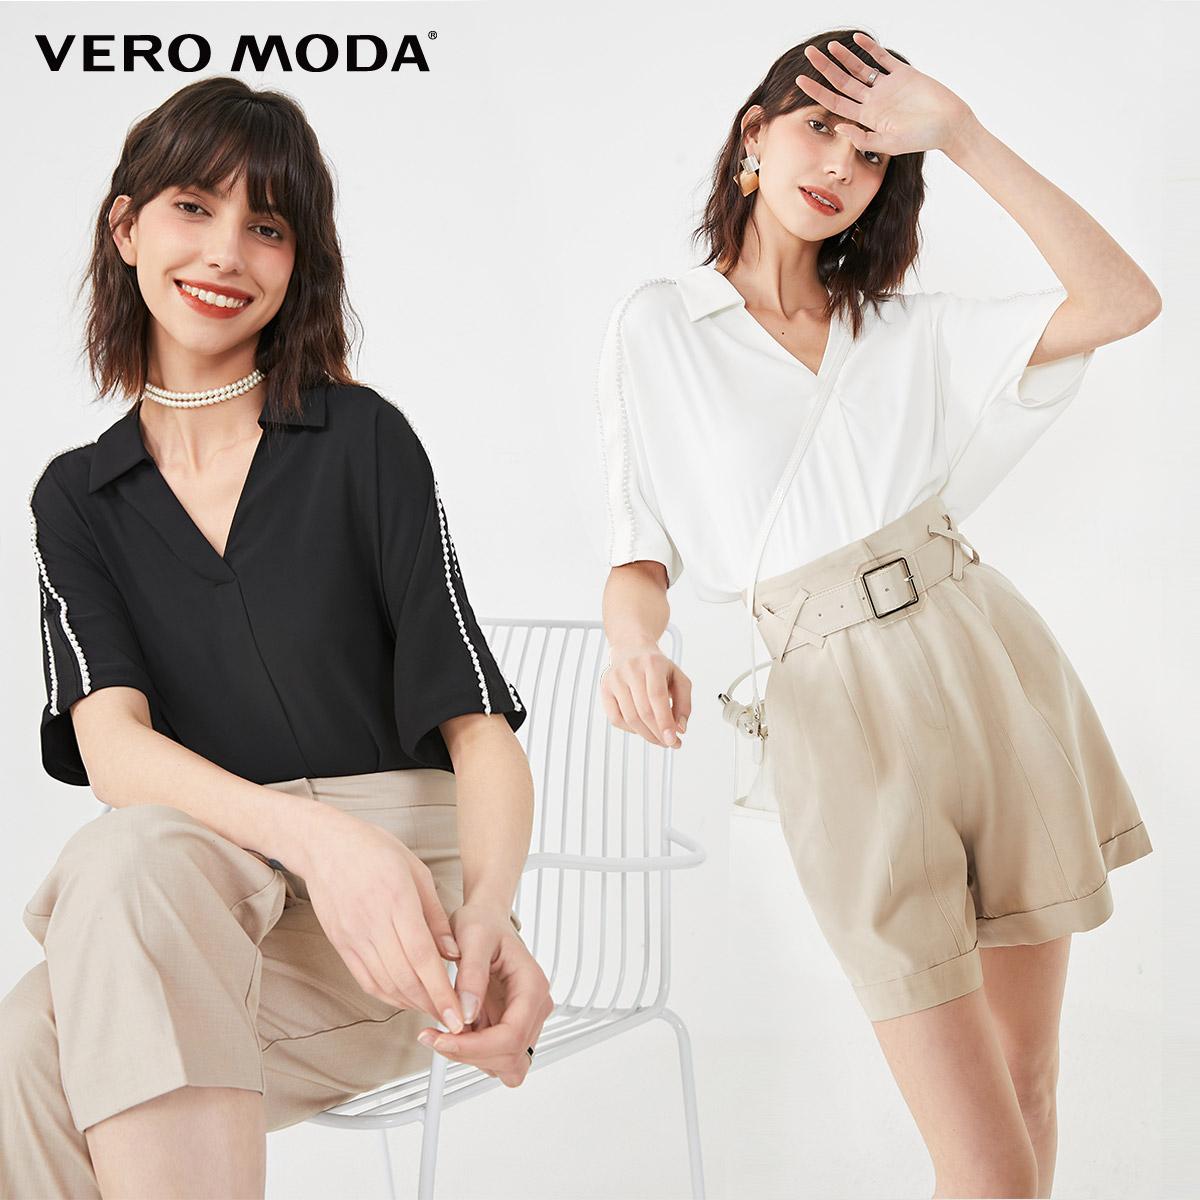 Vero Moda 2020 New Autumn Imitation Pearl Nail Beads Adorned Chiffon Girl) 32026X511